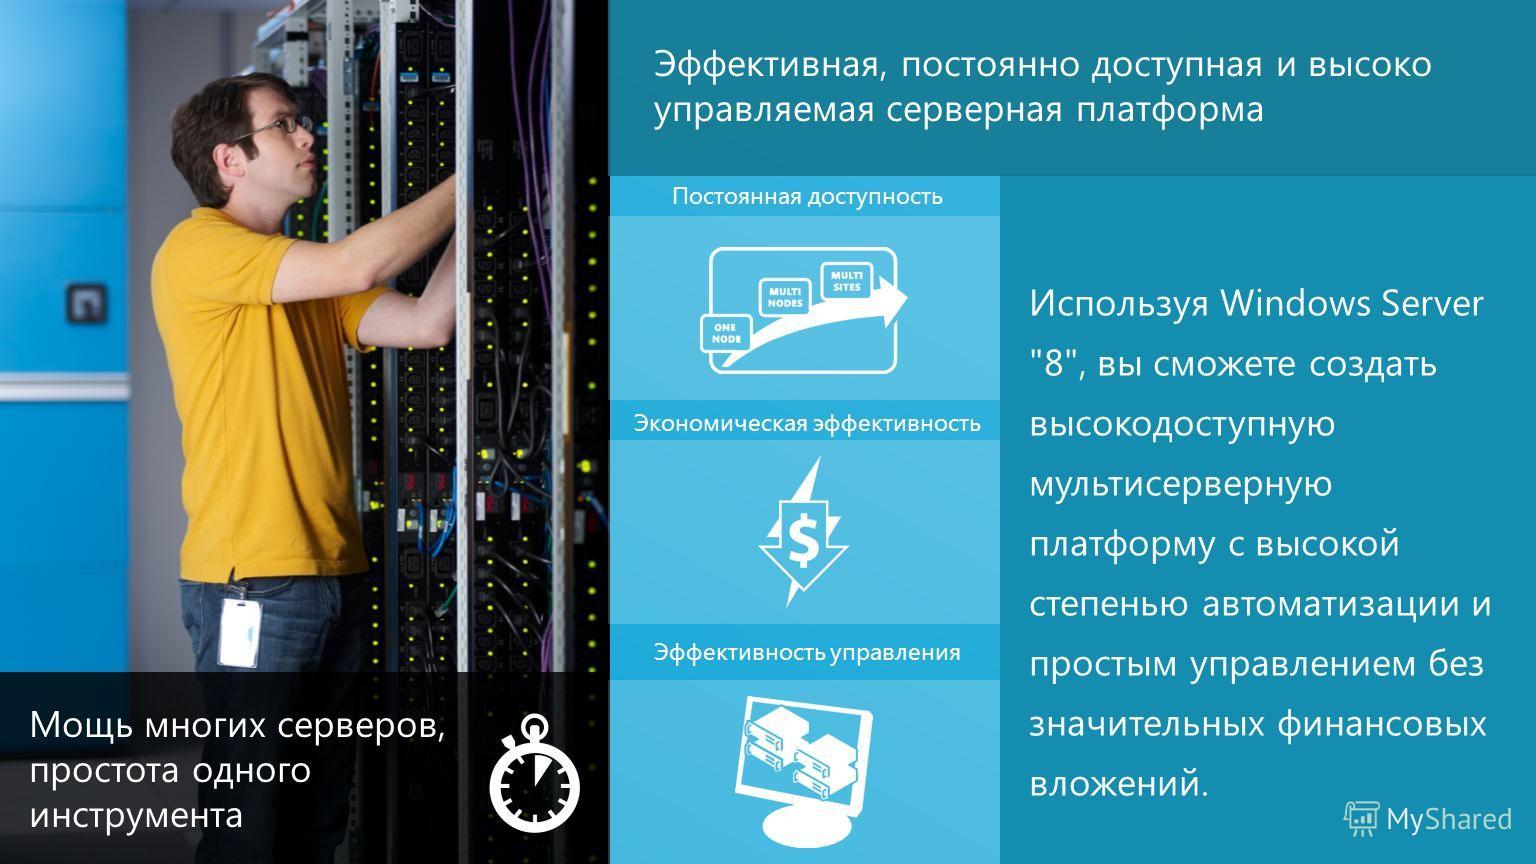 10 Используя Windows Server